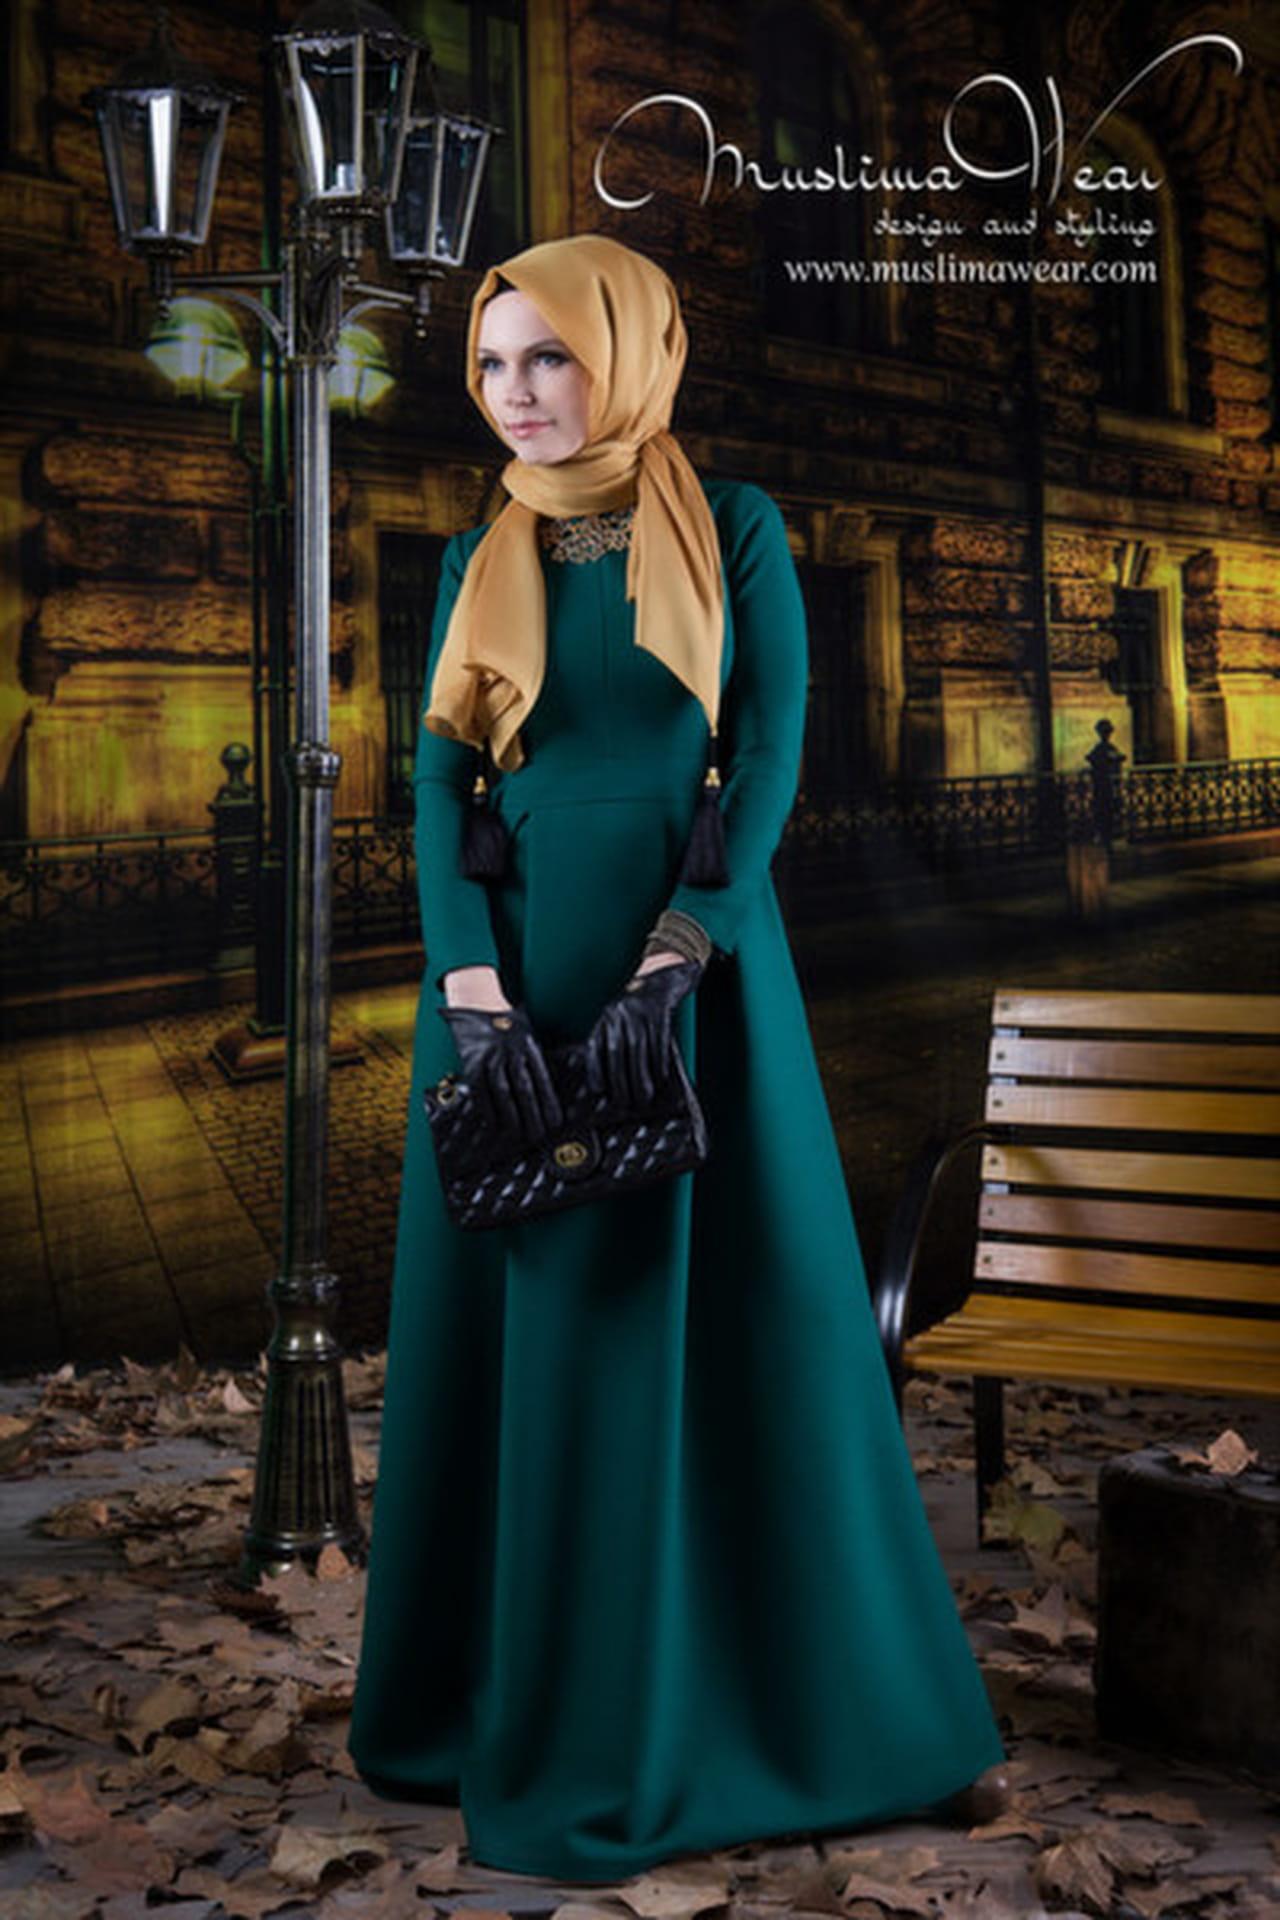 أفضل 10 إطلالات من أزياء Muslima Wear التركية  814326